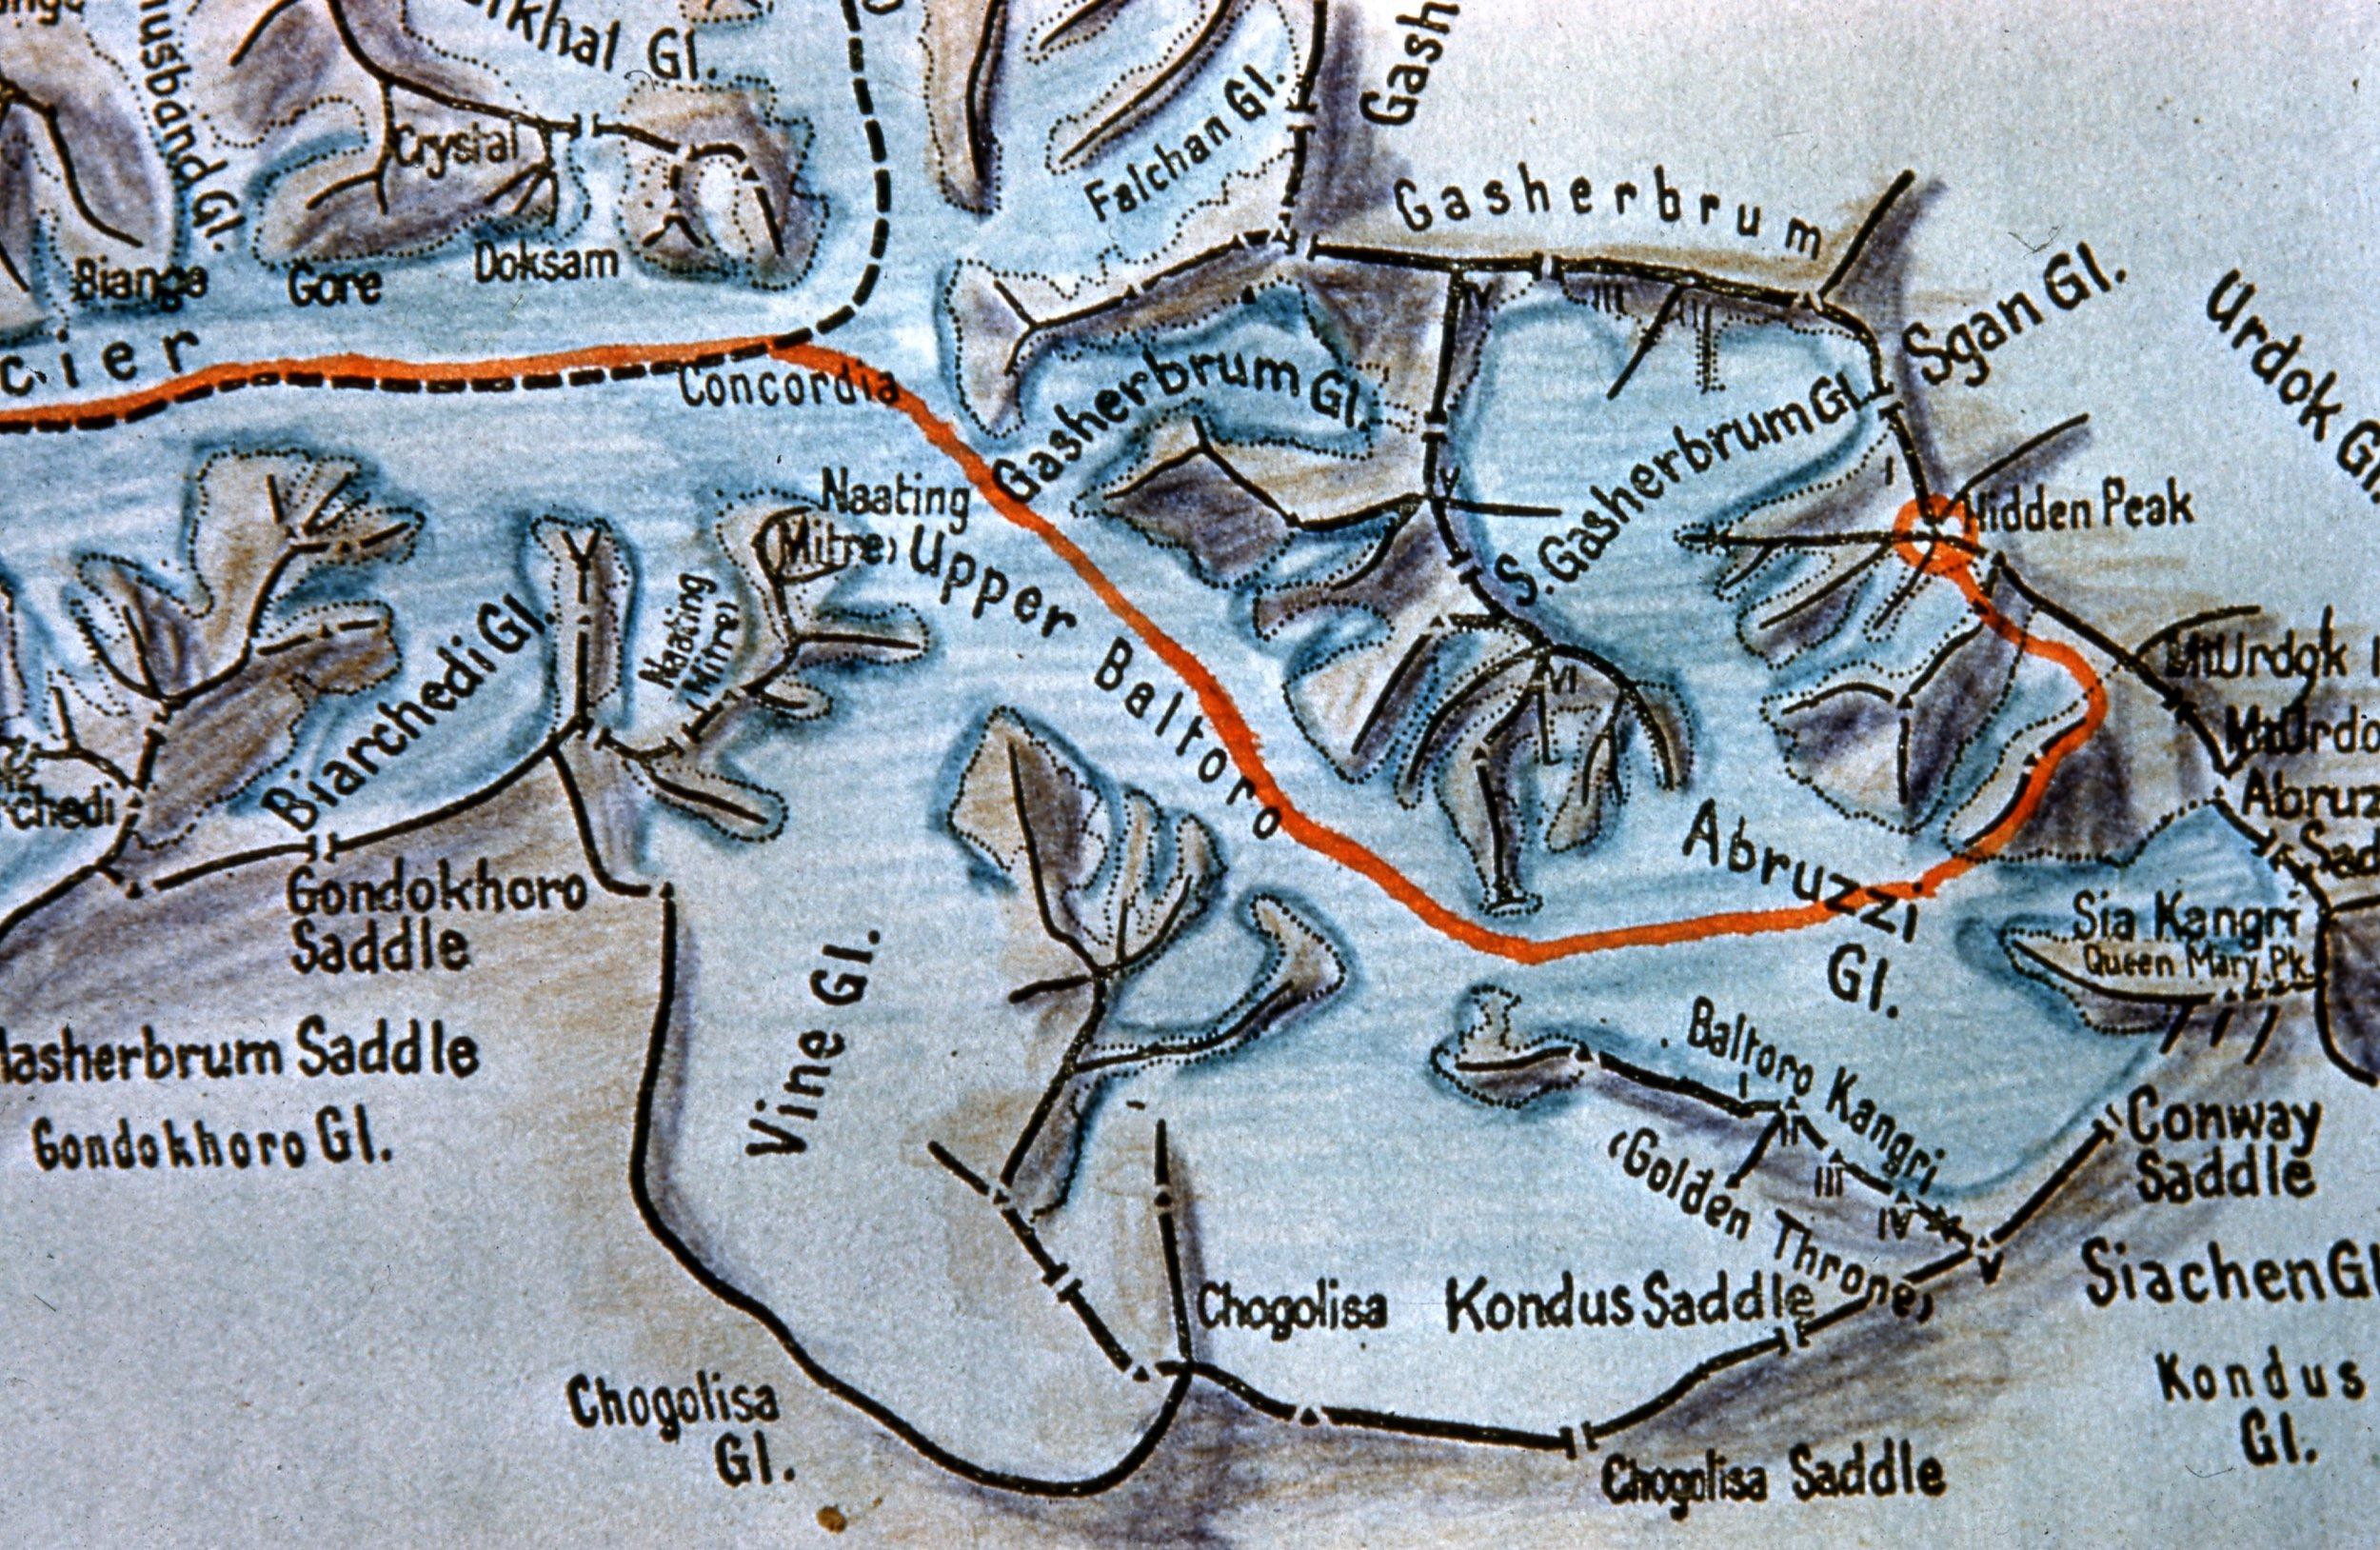 1958 American Karakoram Expedition Map